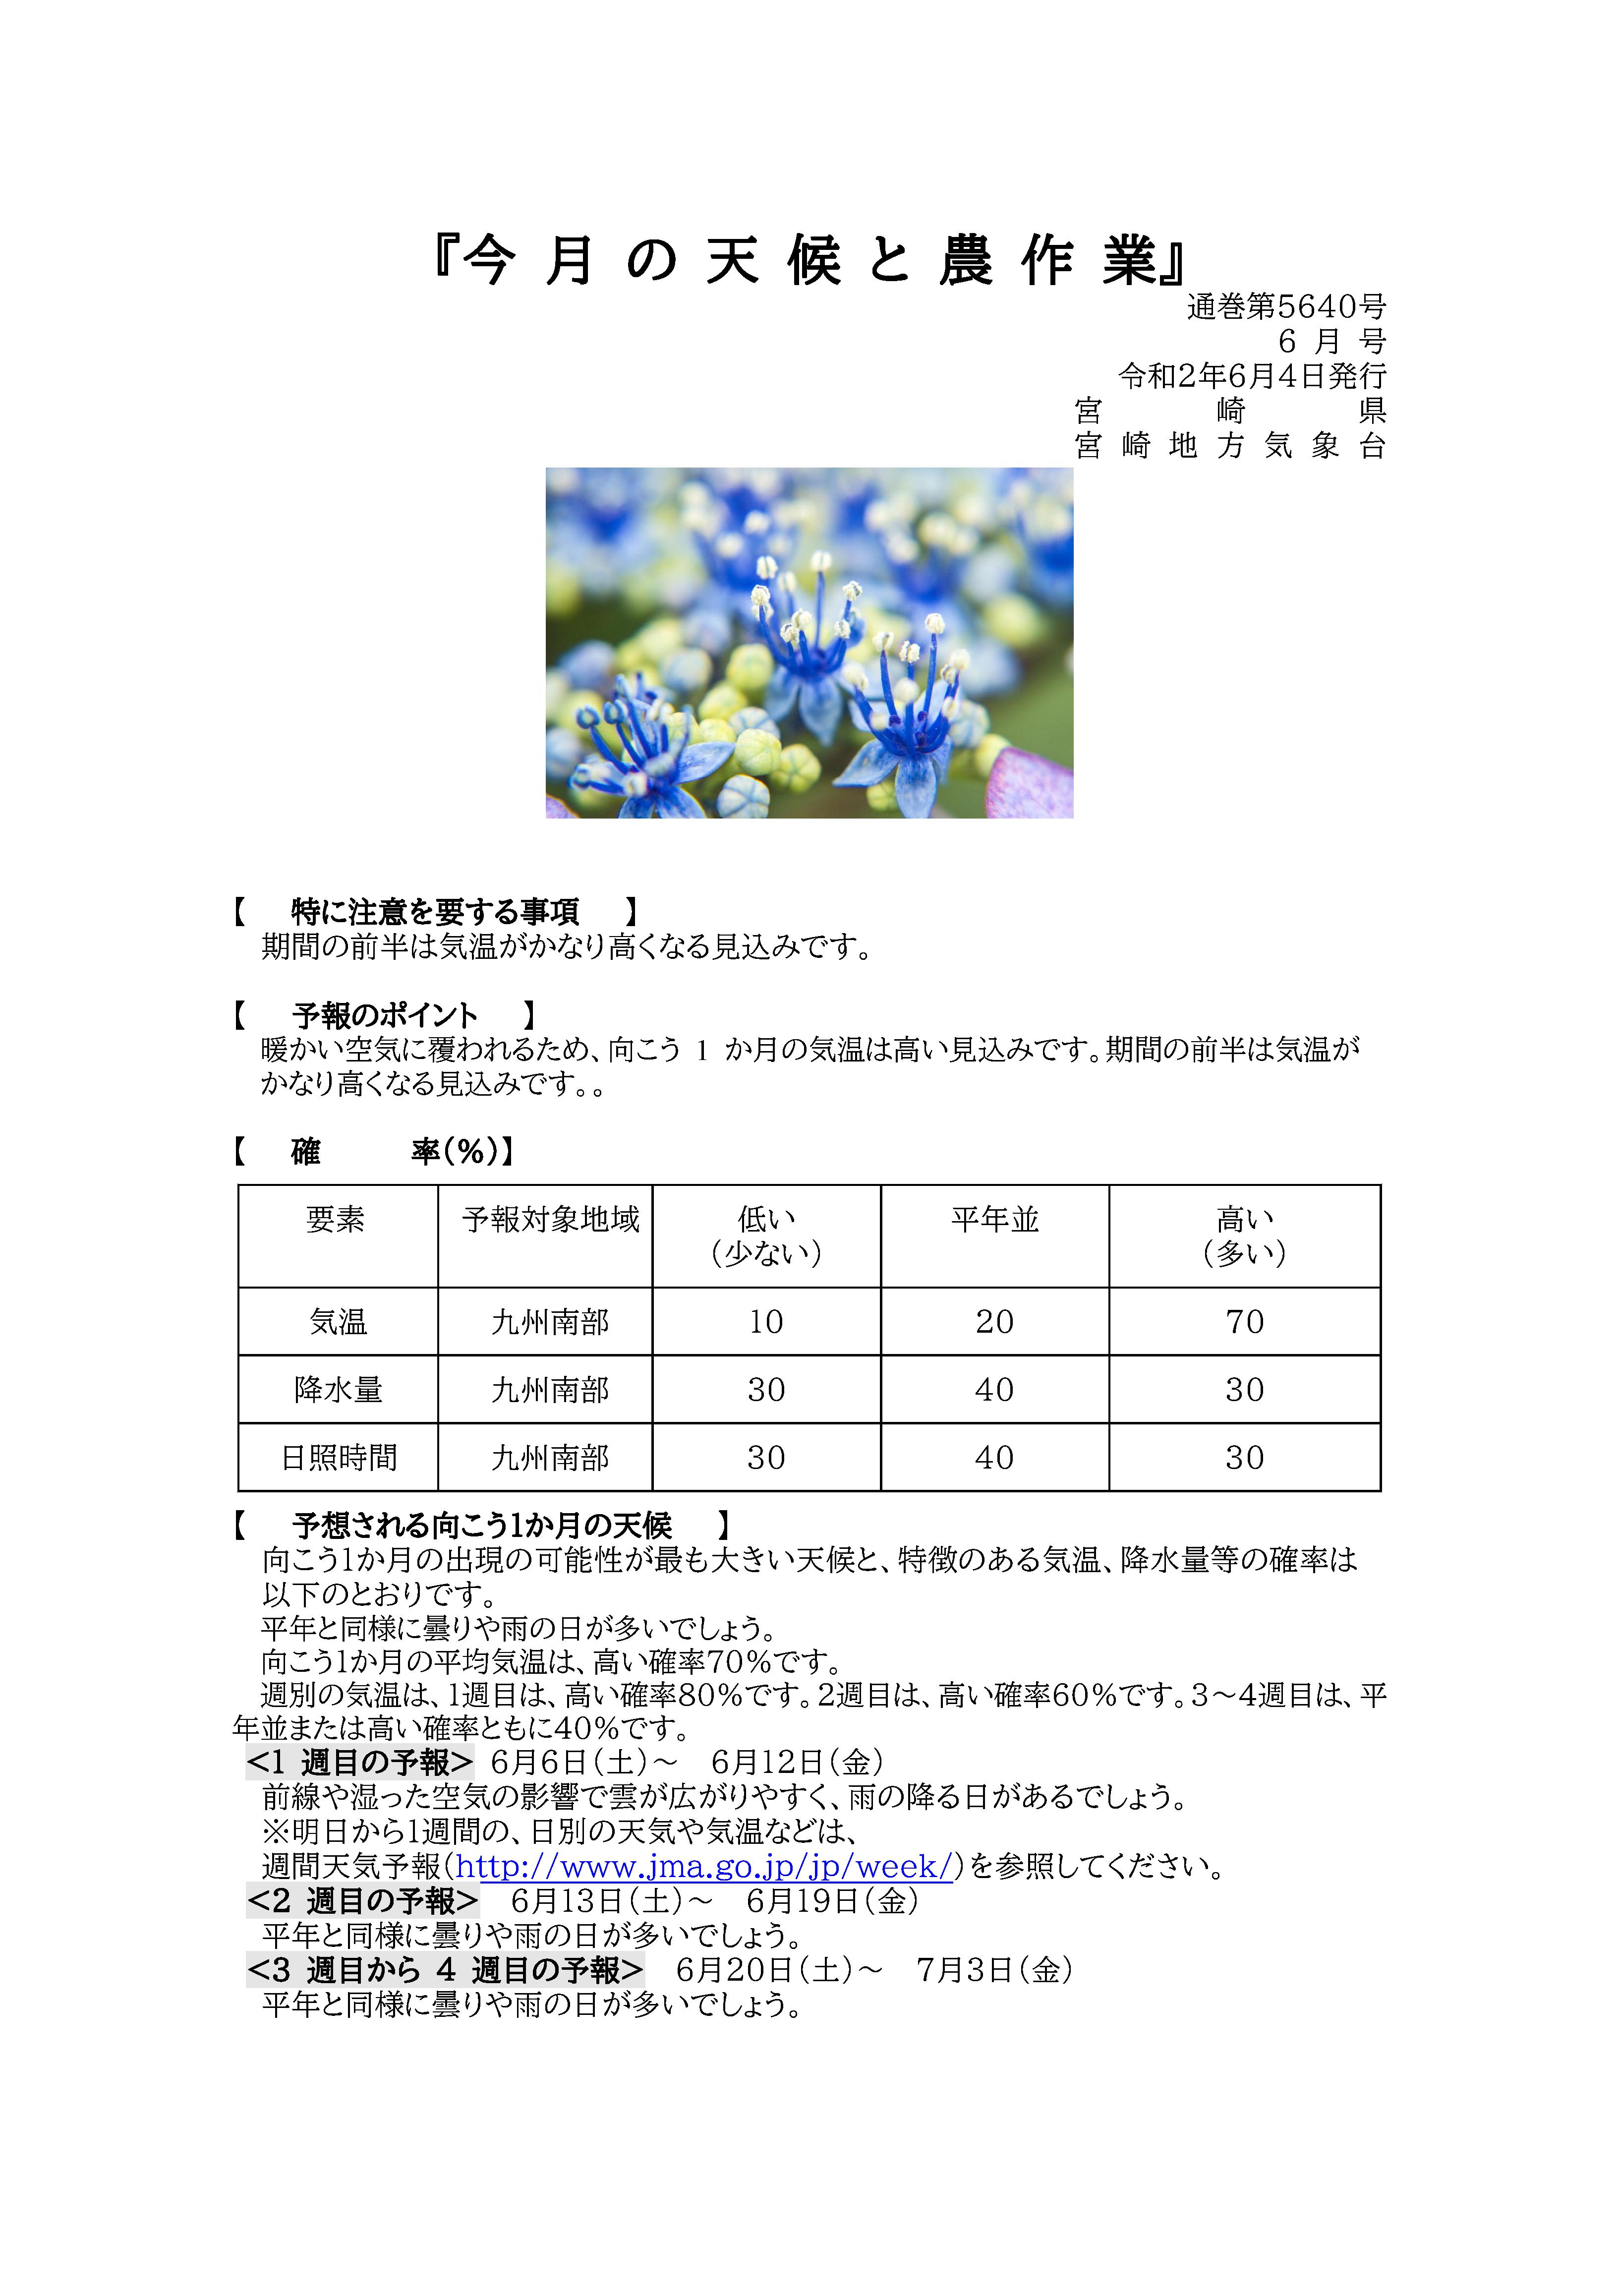 今月の天候と農作業2020年6月版